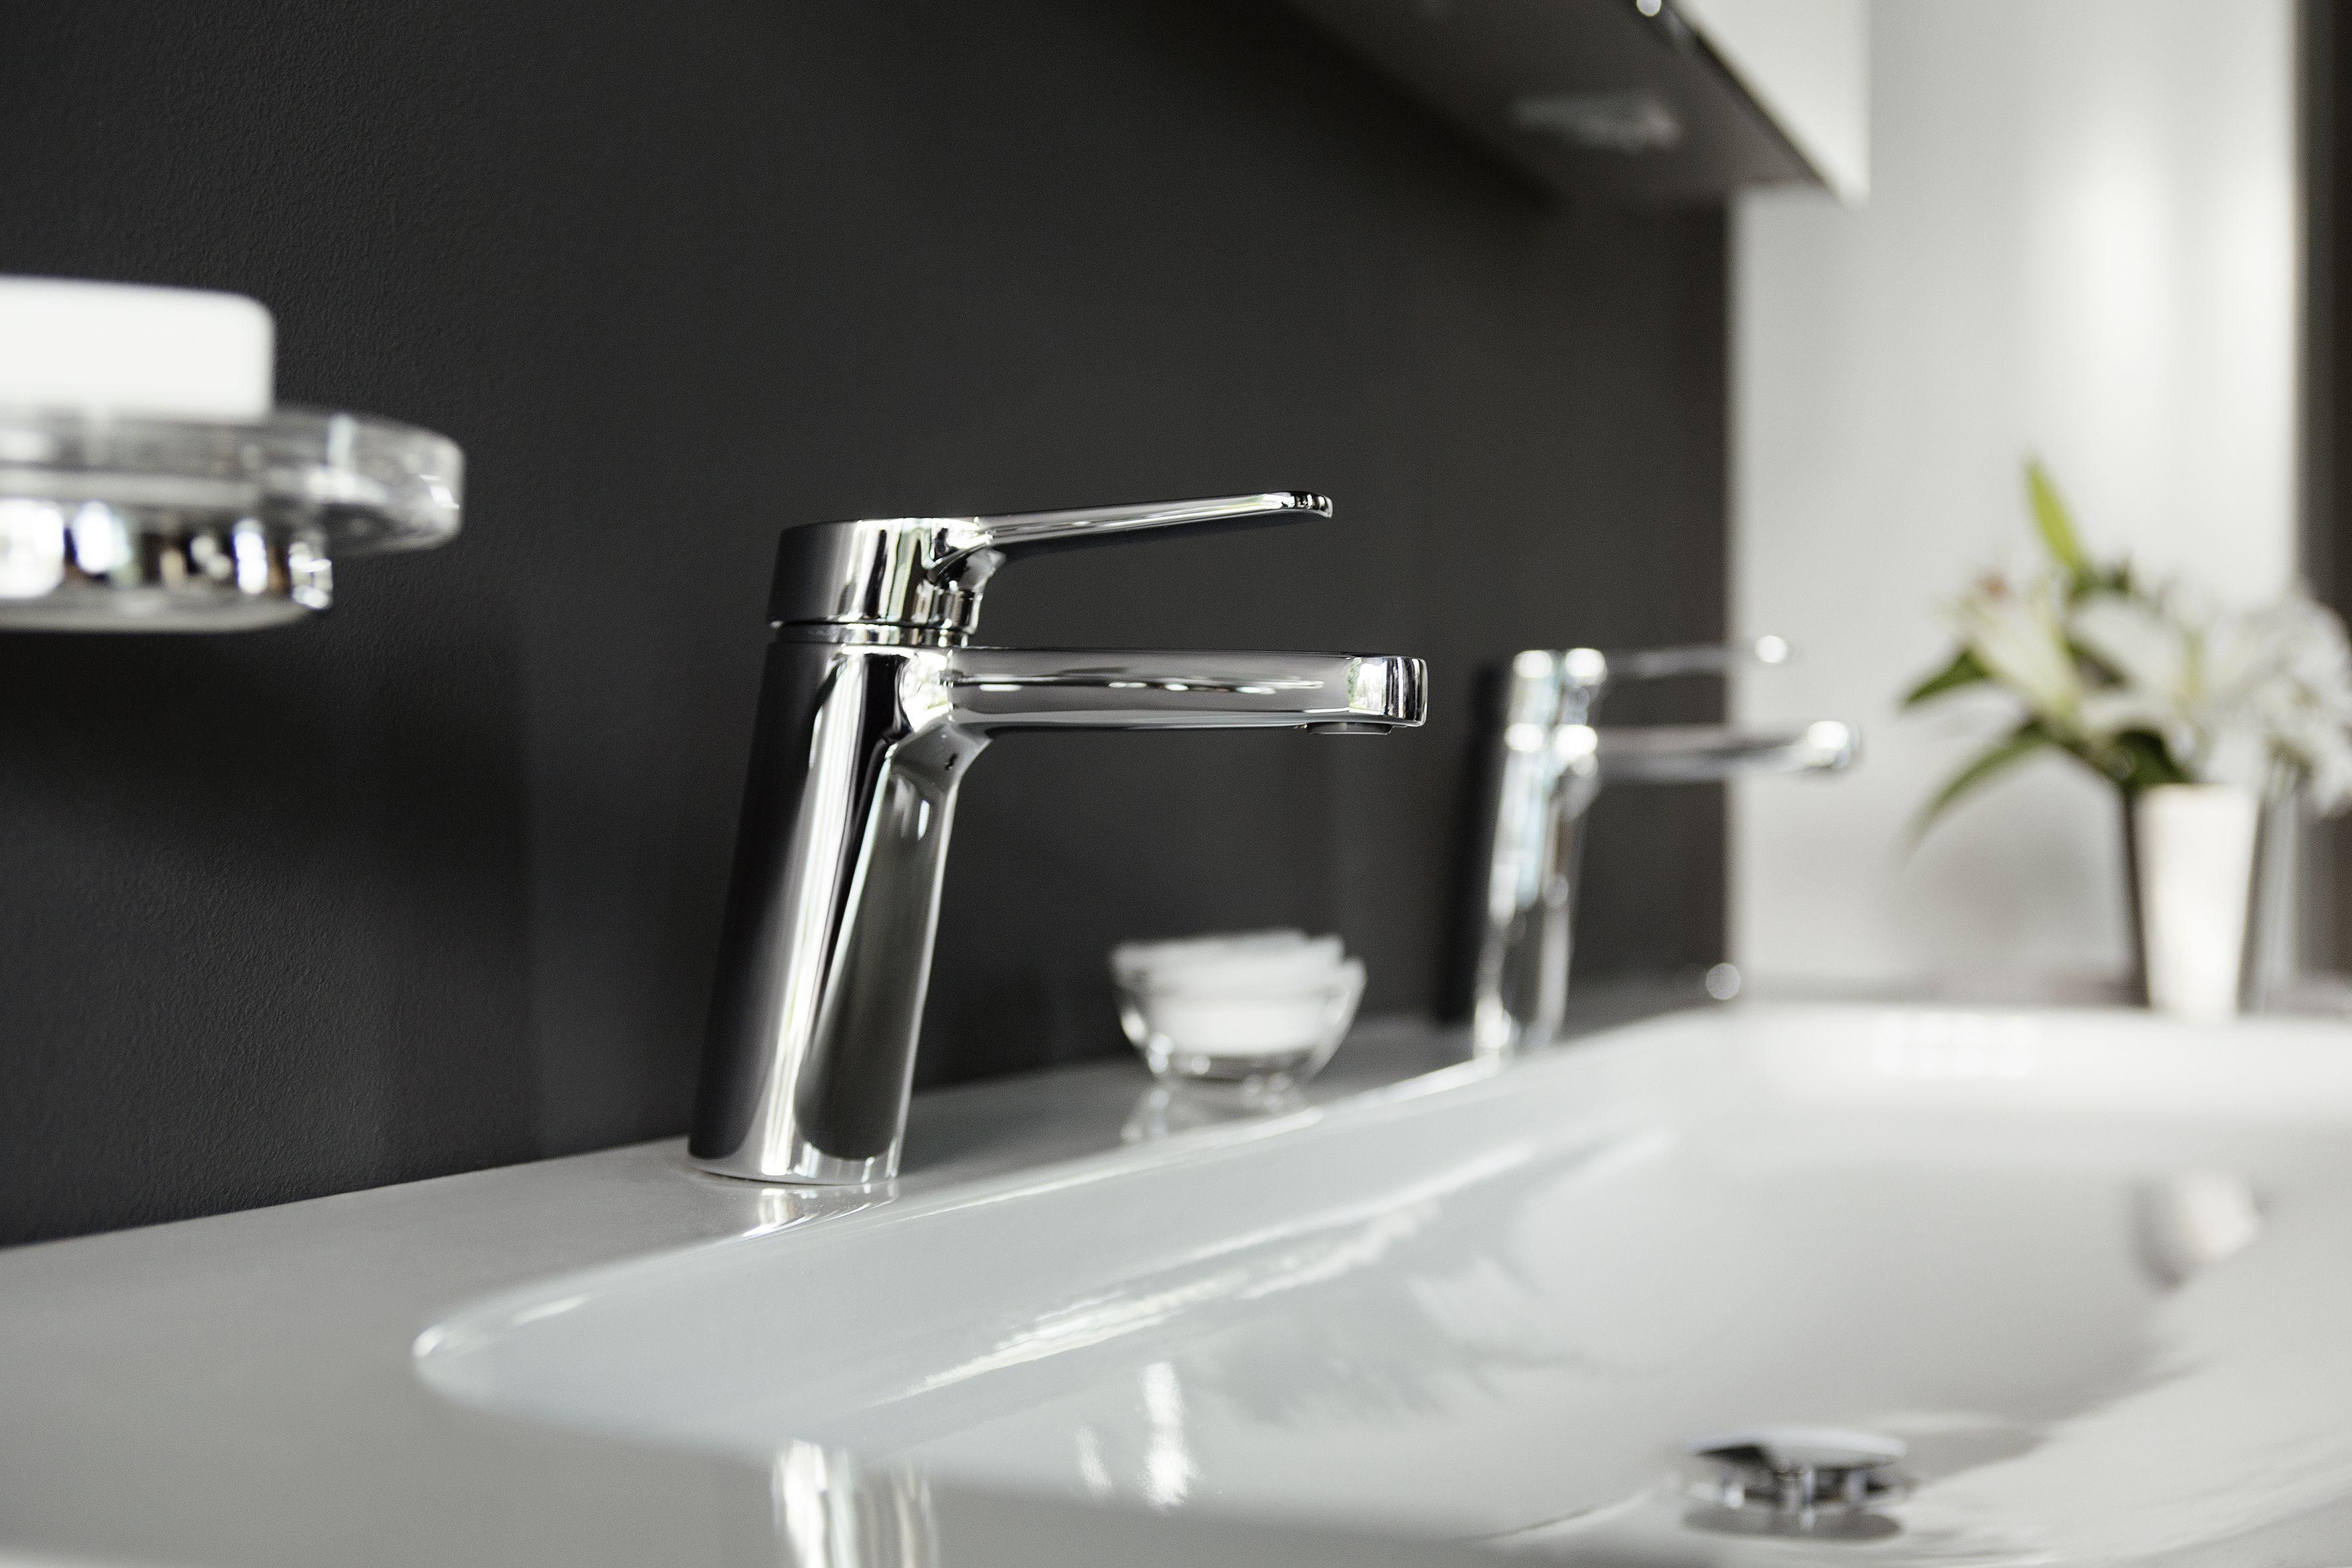 Keuco Collection Moll Bathroomfurniture Architecture Design Spiegelschrank Waschtisch Und Design